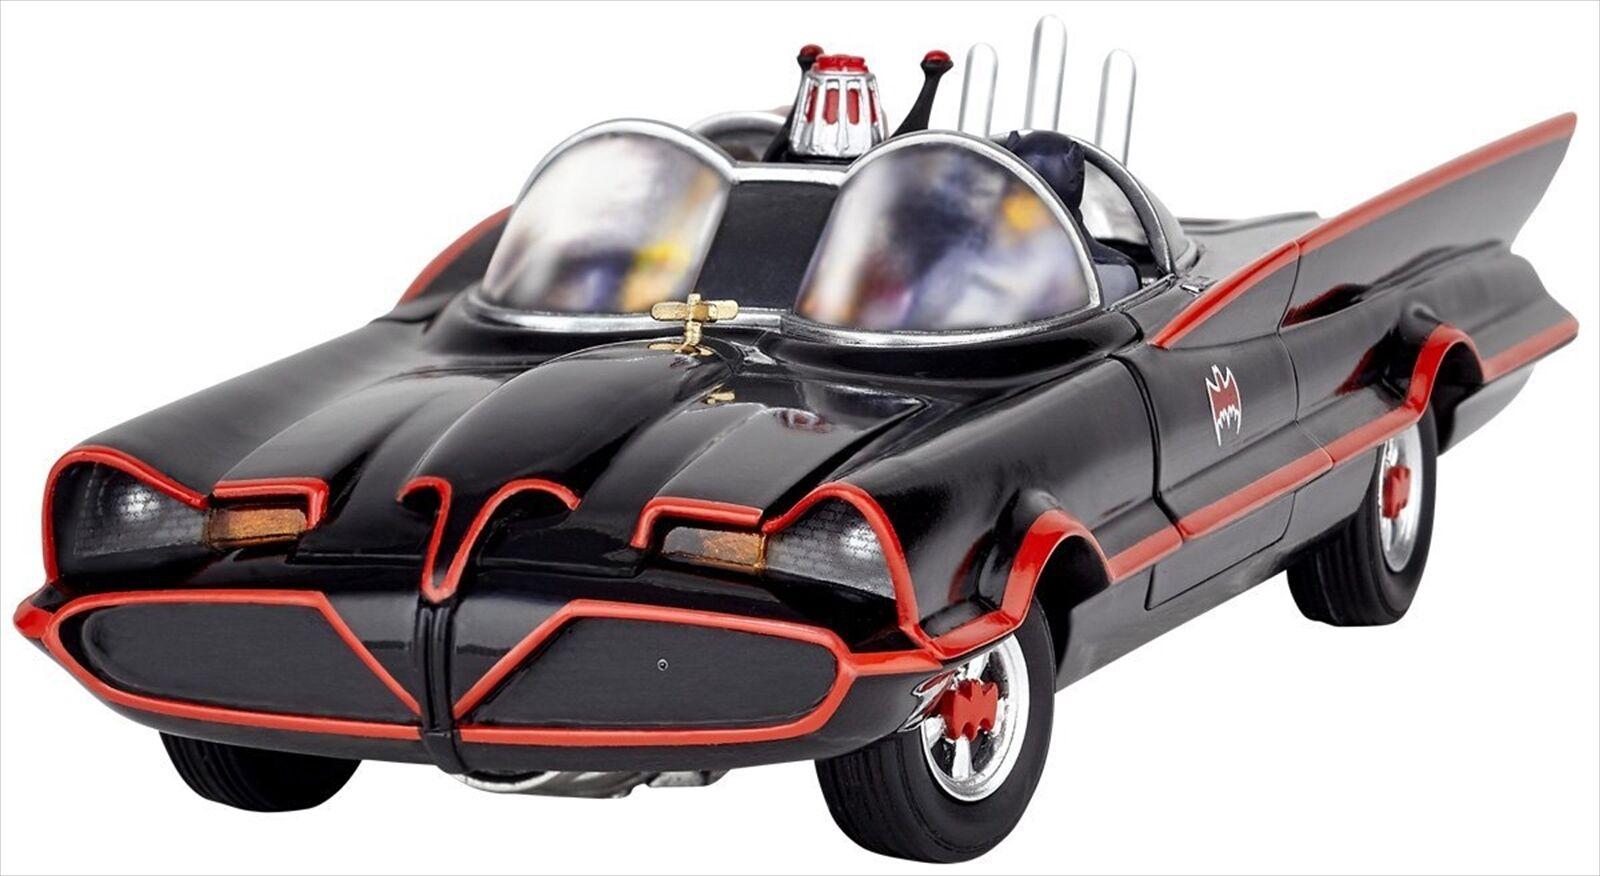 Kaiyodo figure complex MOVIE MOVIE MOVIE REVO Batmobile 1966 Batman Car Revoltech f63ad0